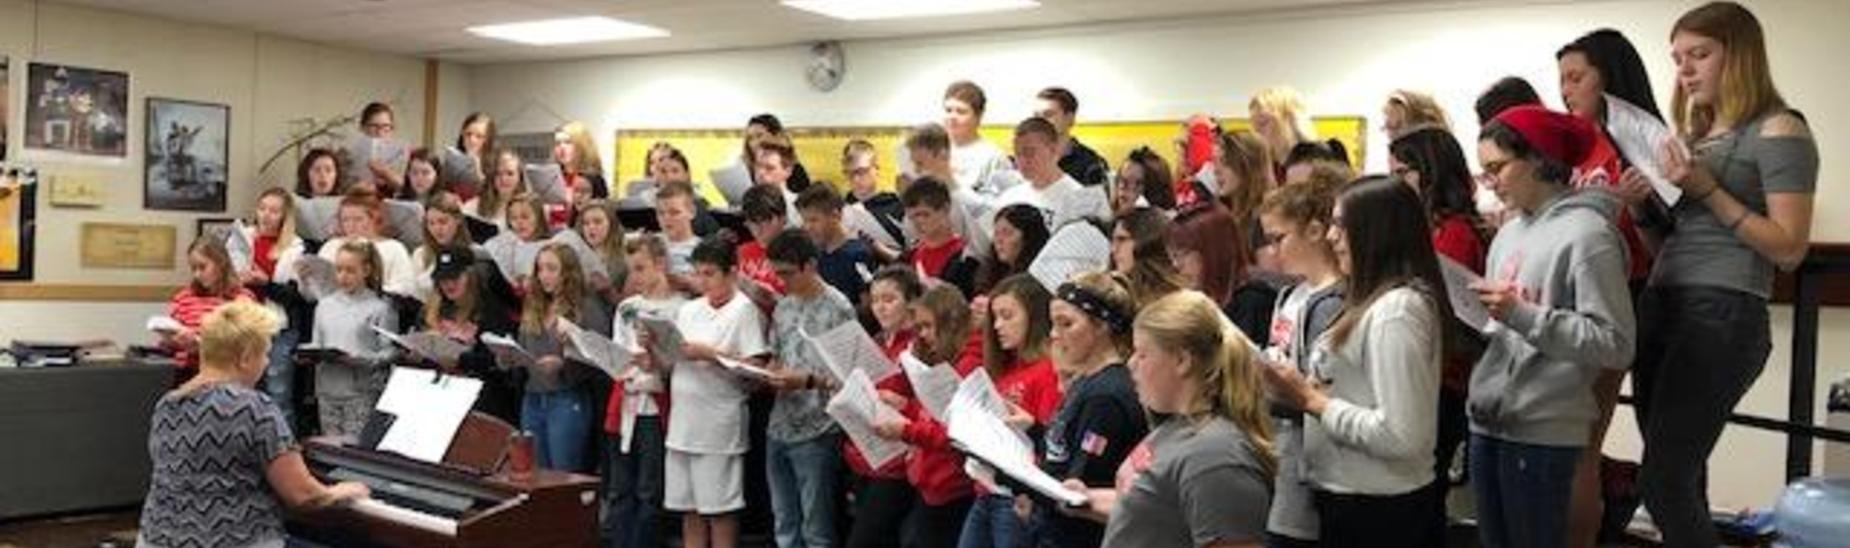 Concert Choir Rehearsing